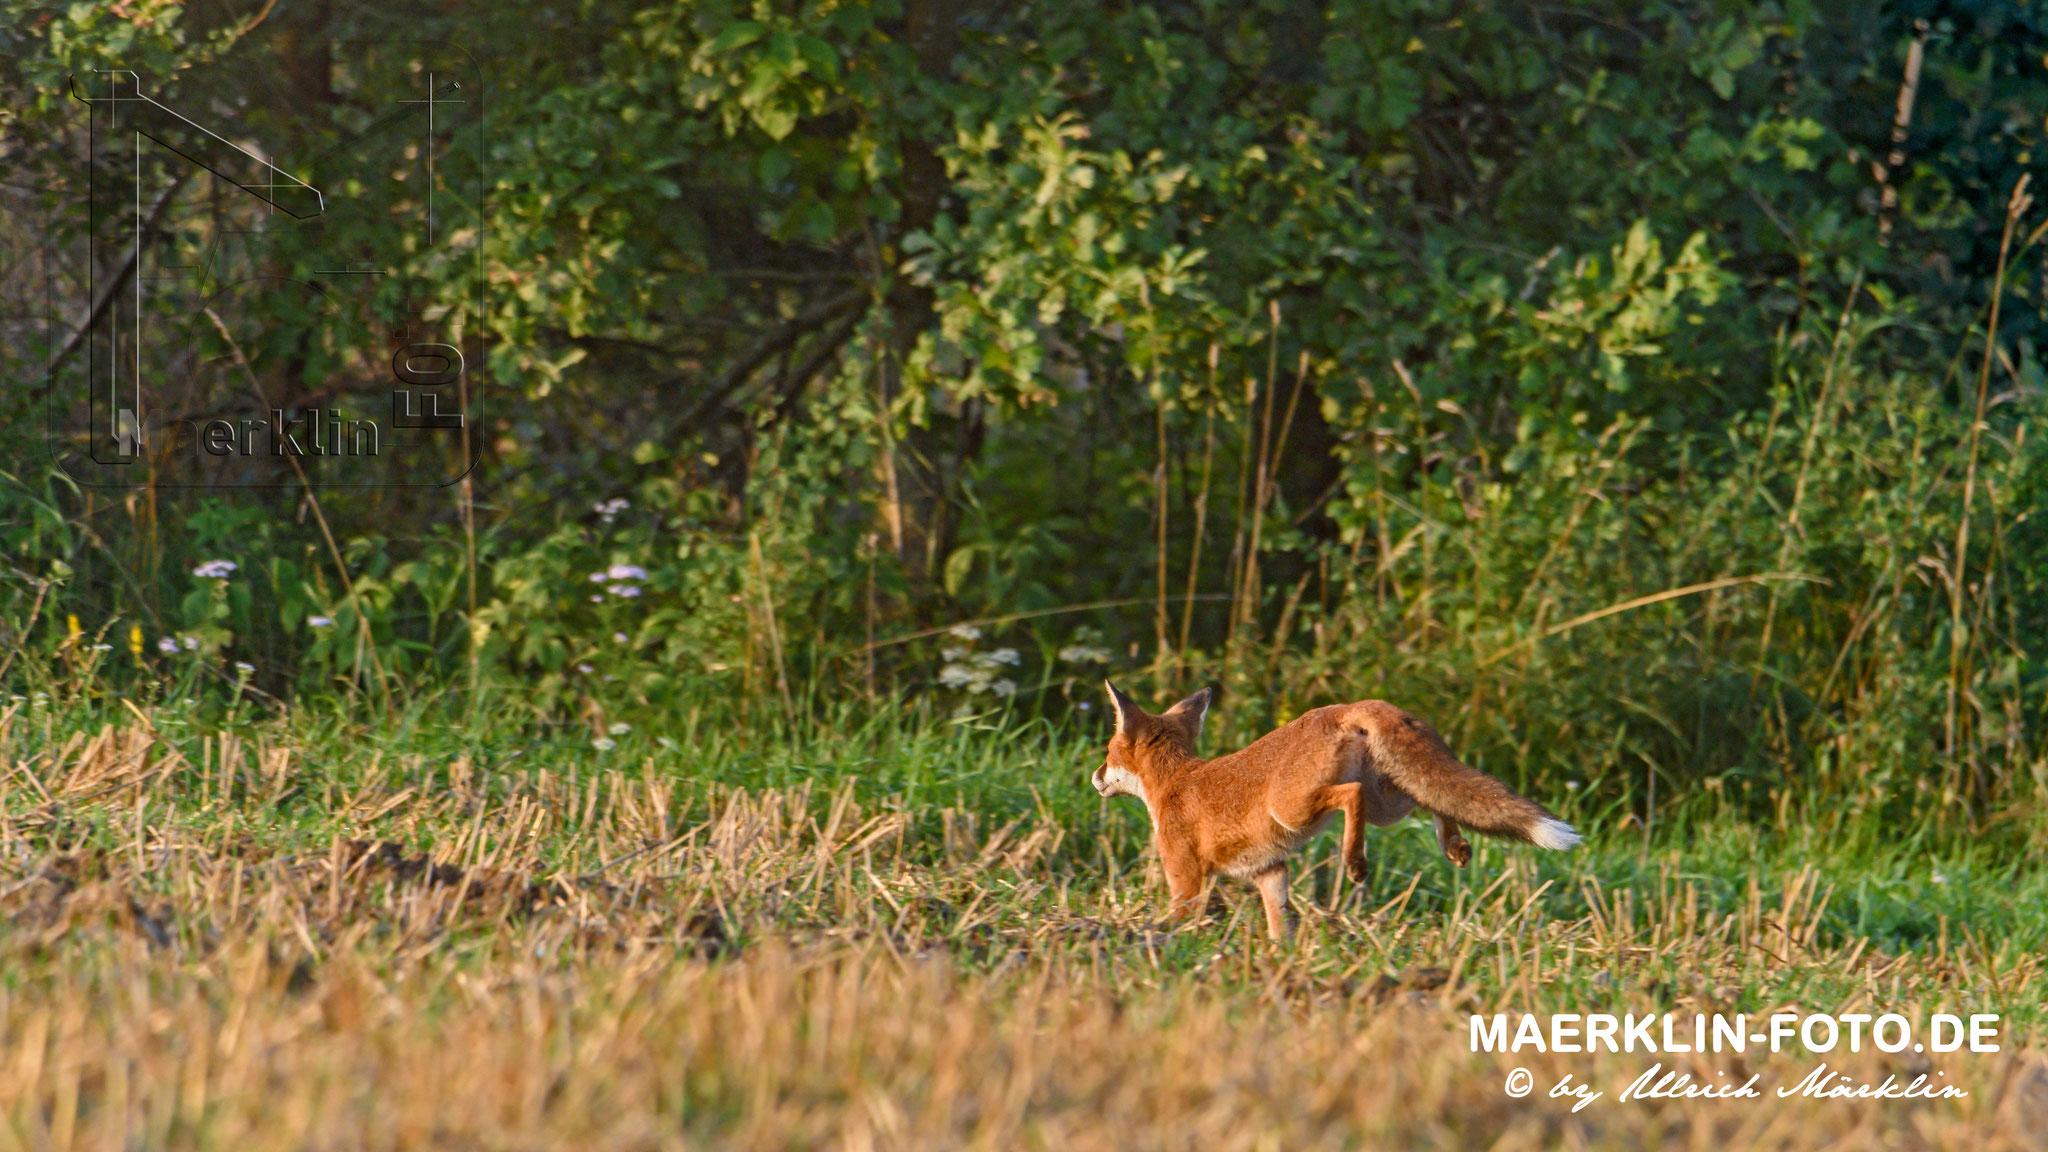 Rotfuchs (Vulpes vulpes) auf dem Sprung, Heckengäu, Baden-Württemberg, Deutschland